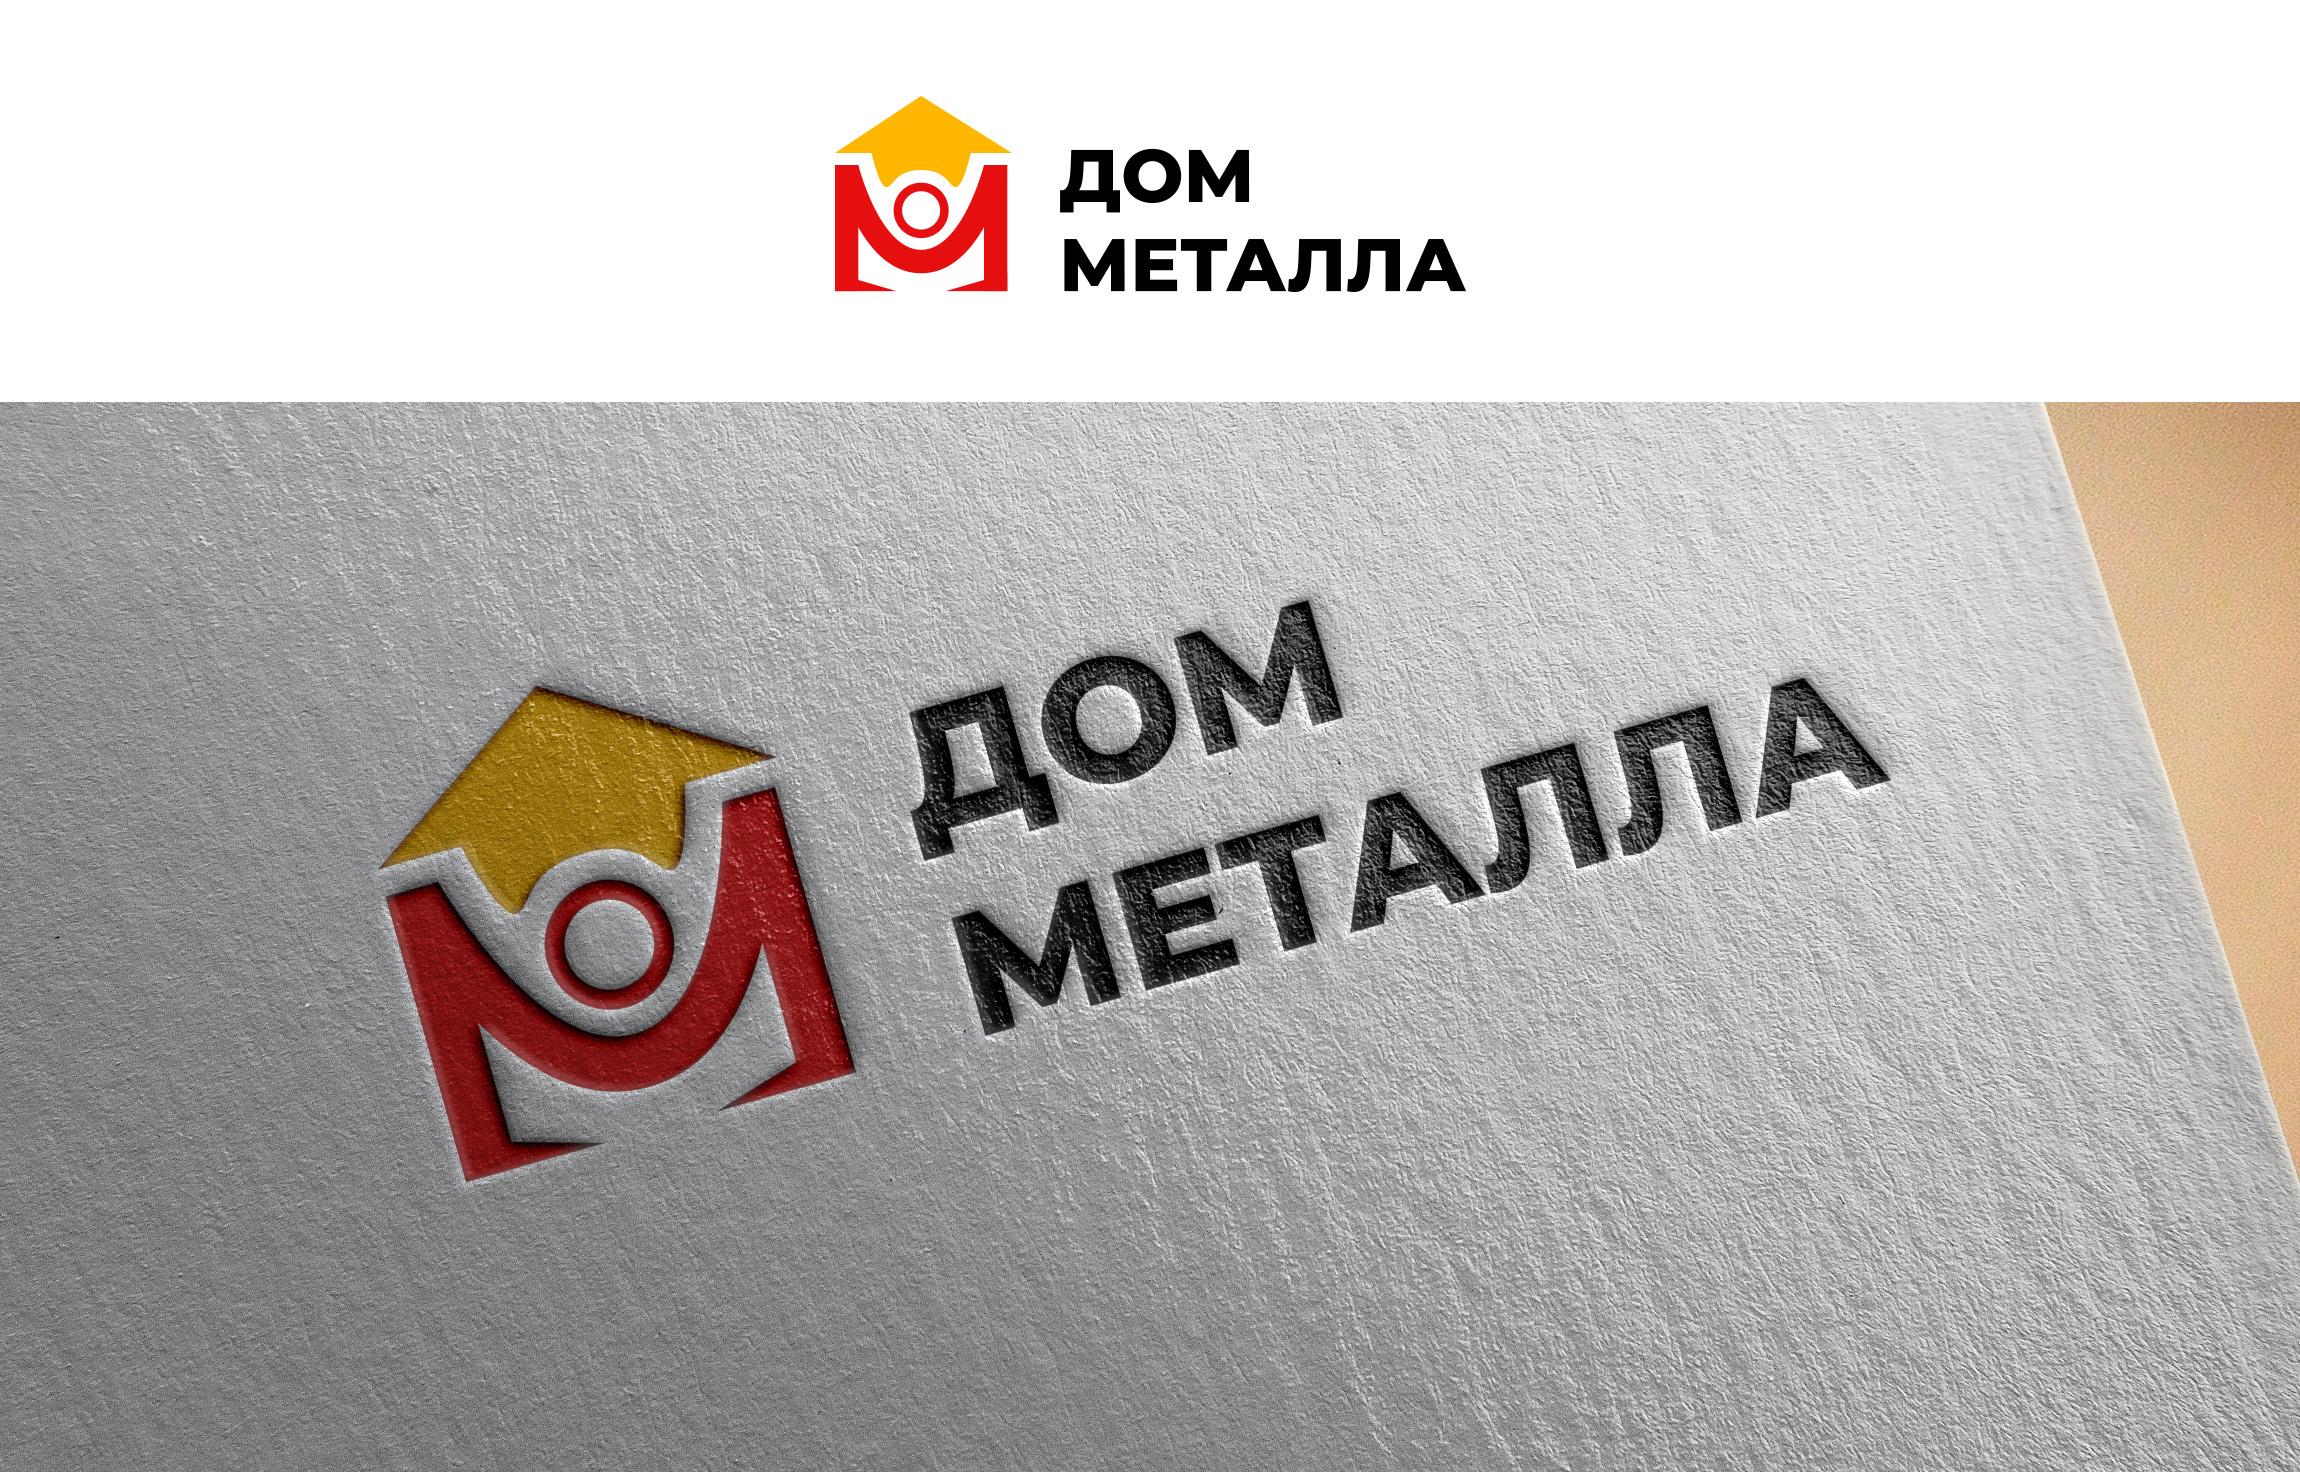 Разработка логотипа фото f_9235c5ac2280c288.jpg